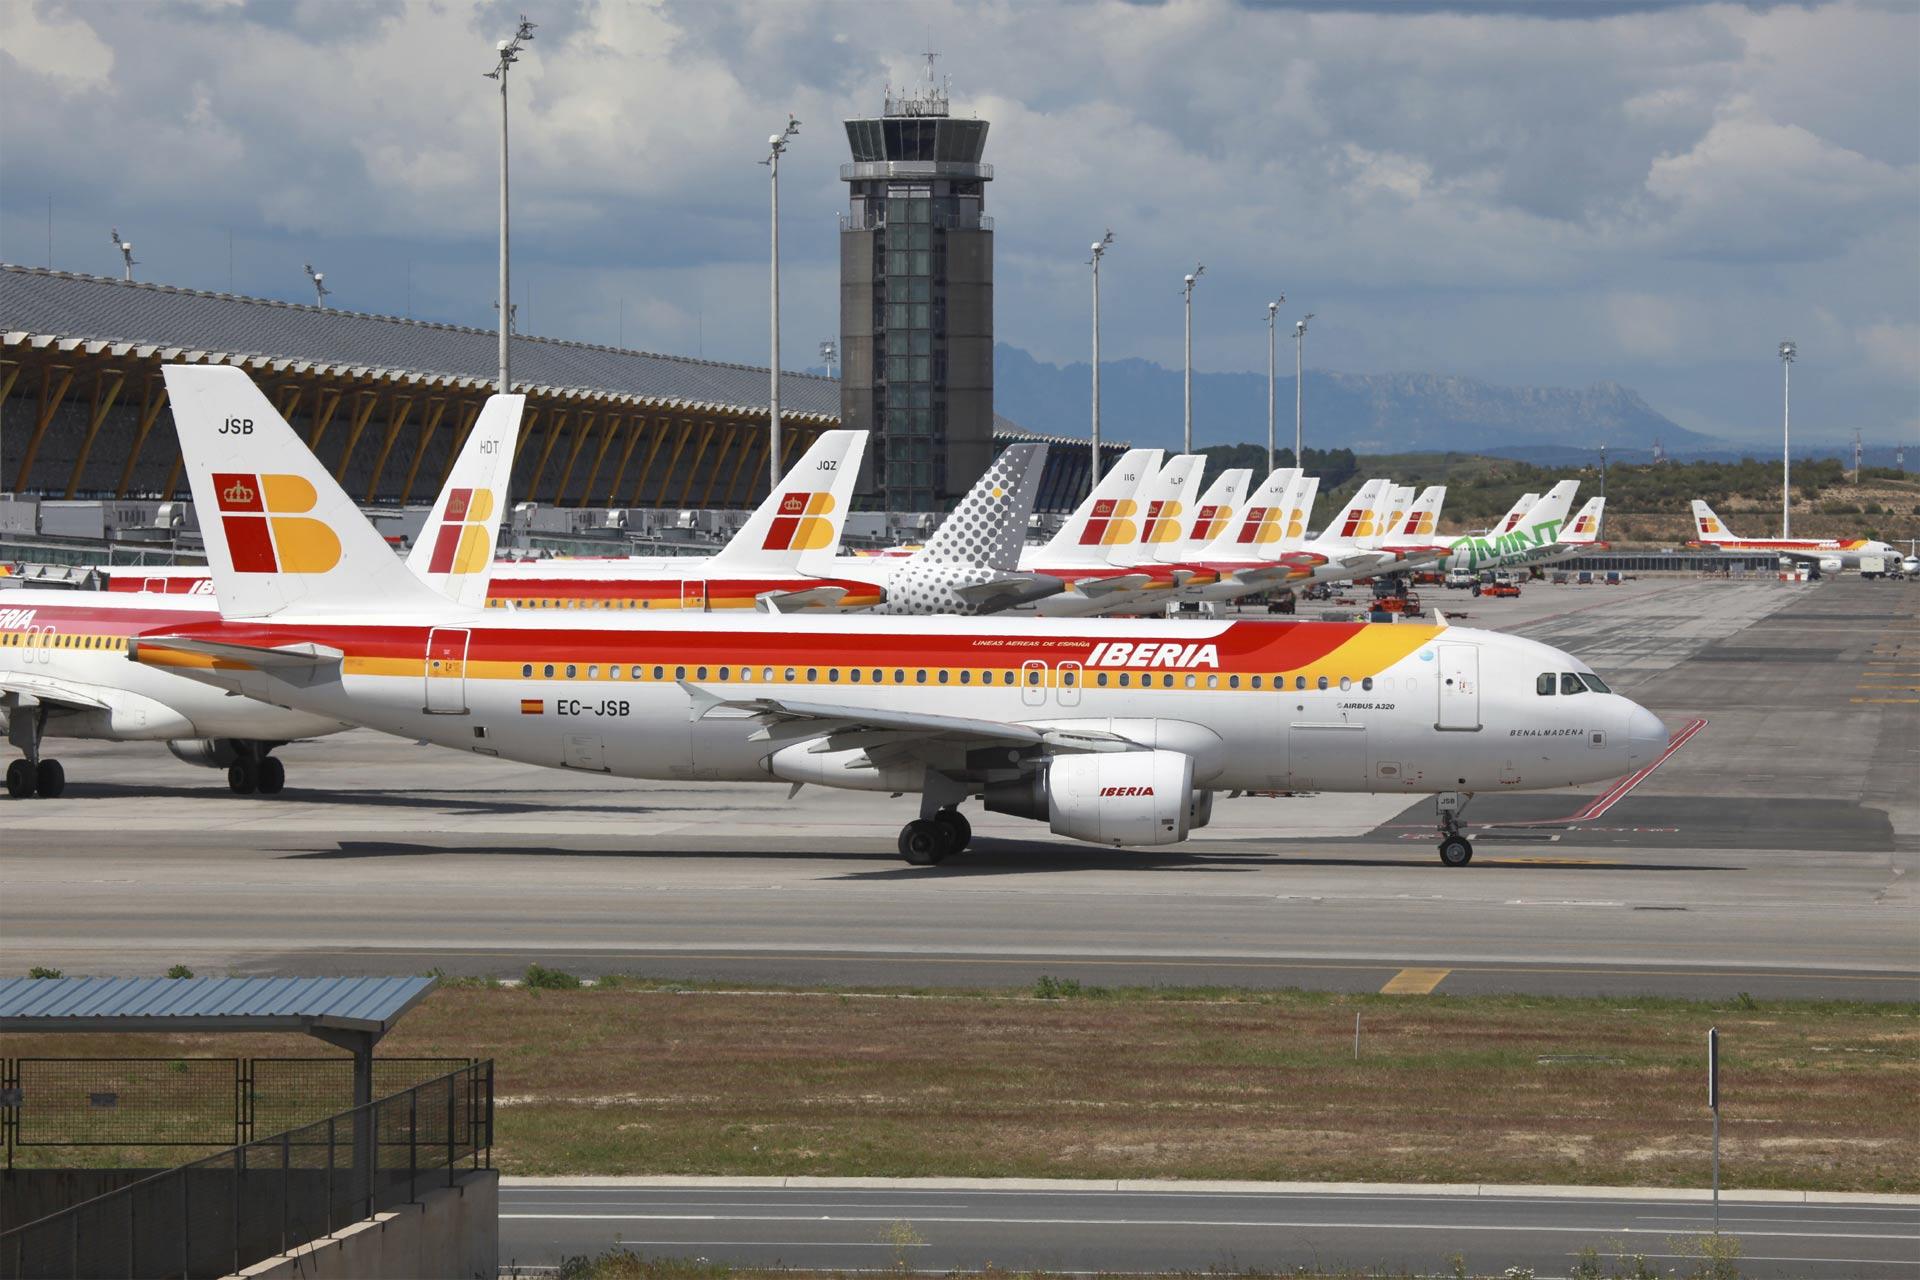 La aerolínea española ahora pone el foco en público joven, con medidas que otorguen ventajas y comodidades al viajar